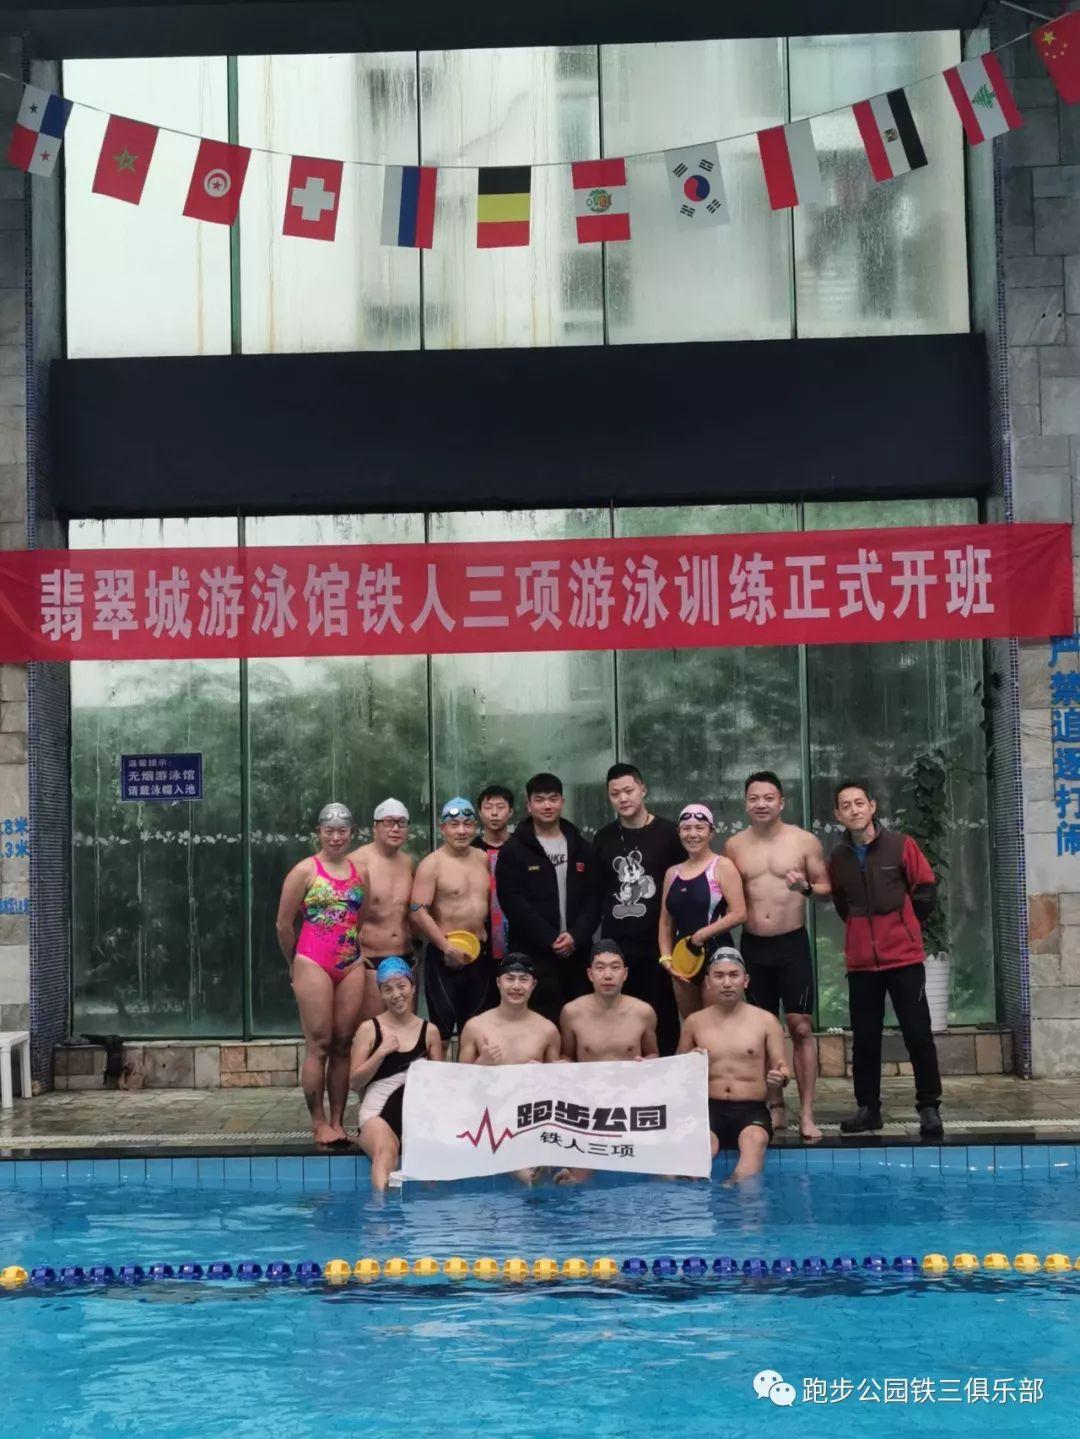 翡翠城恒温游泳馆铁人三项游泳训练班正式开班